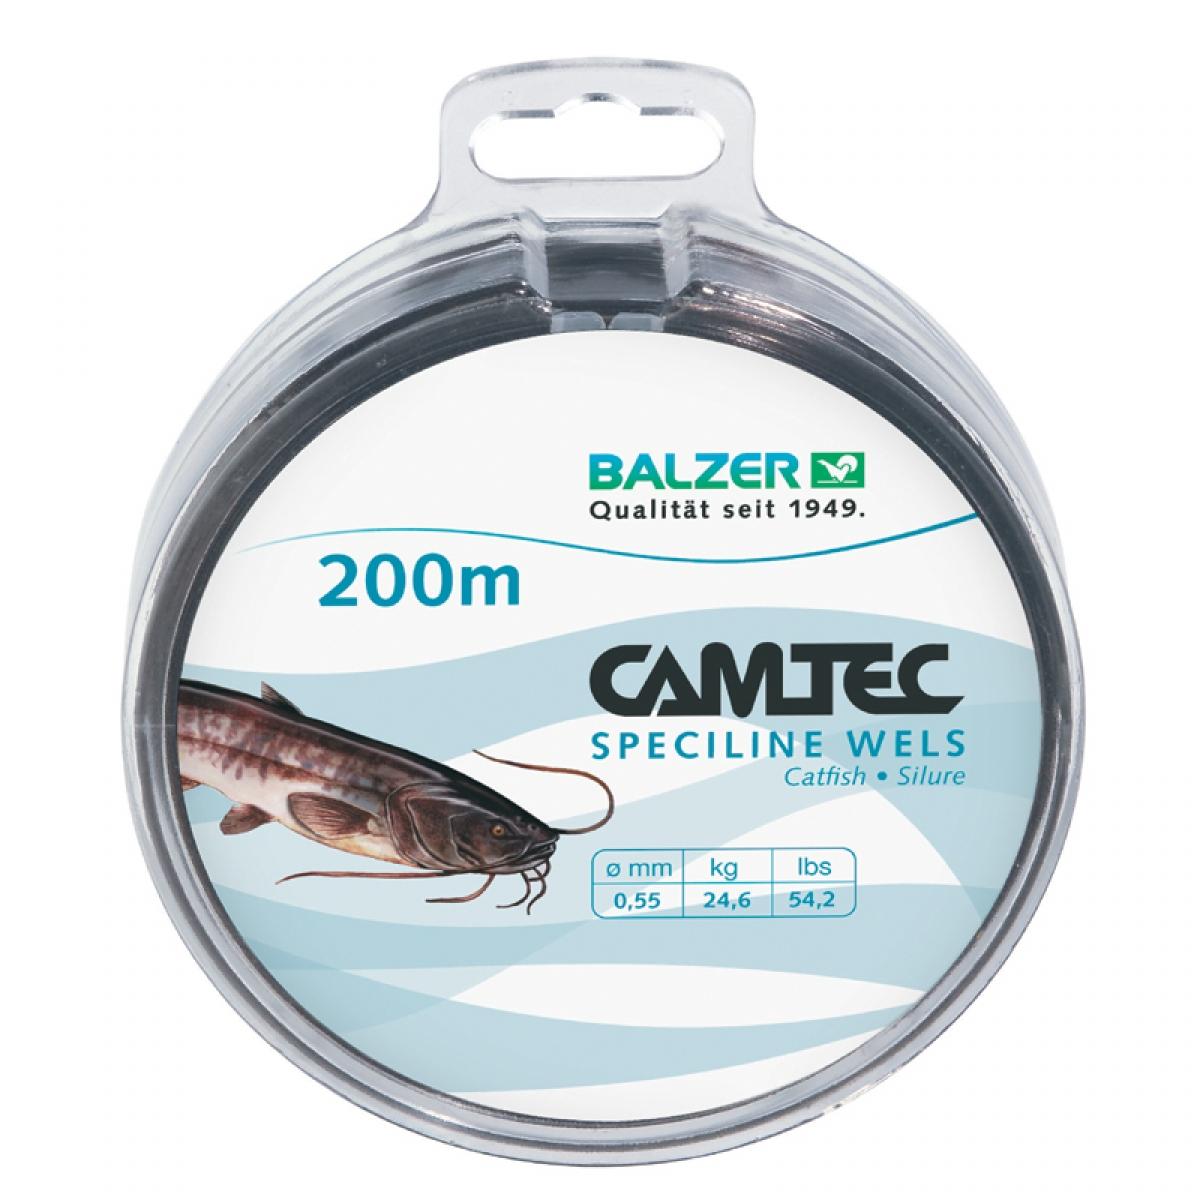 Camtec Schnur Wels 0,65 mm